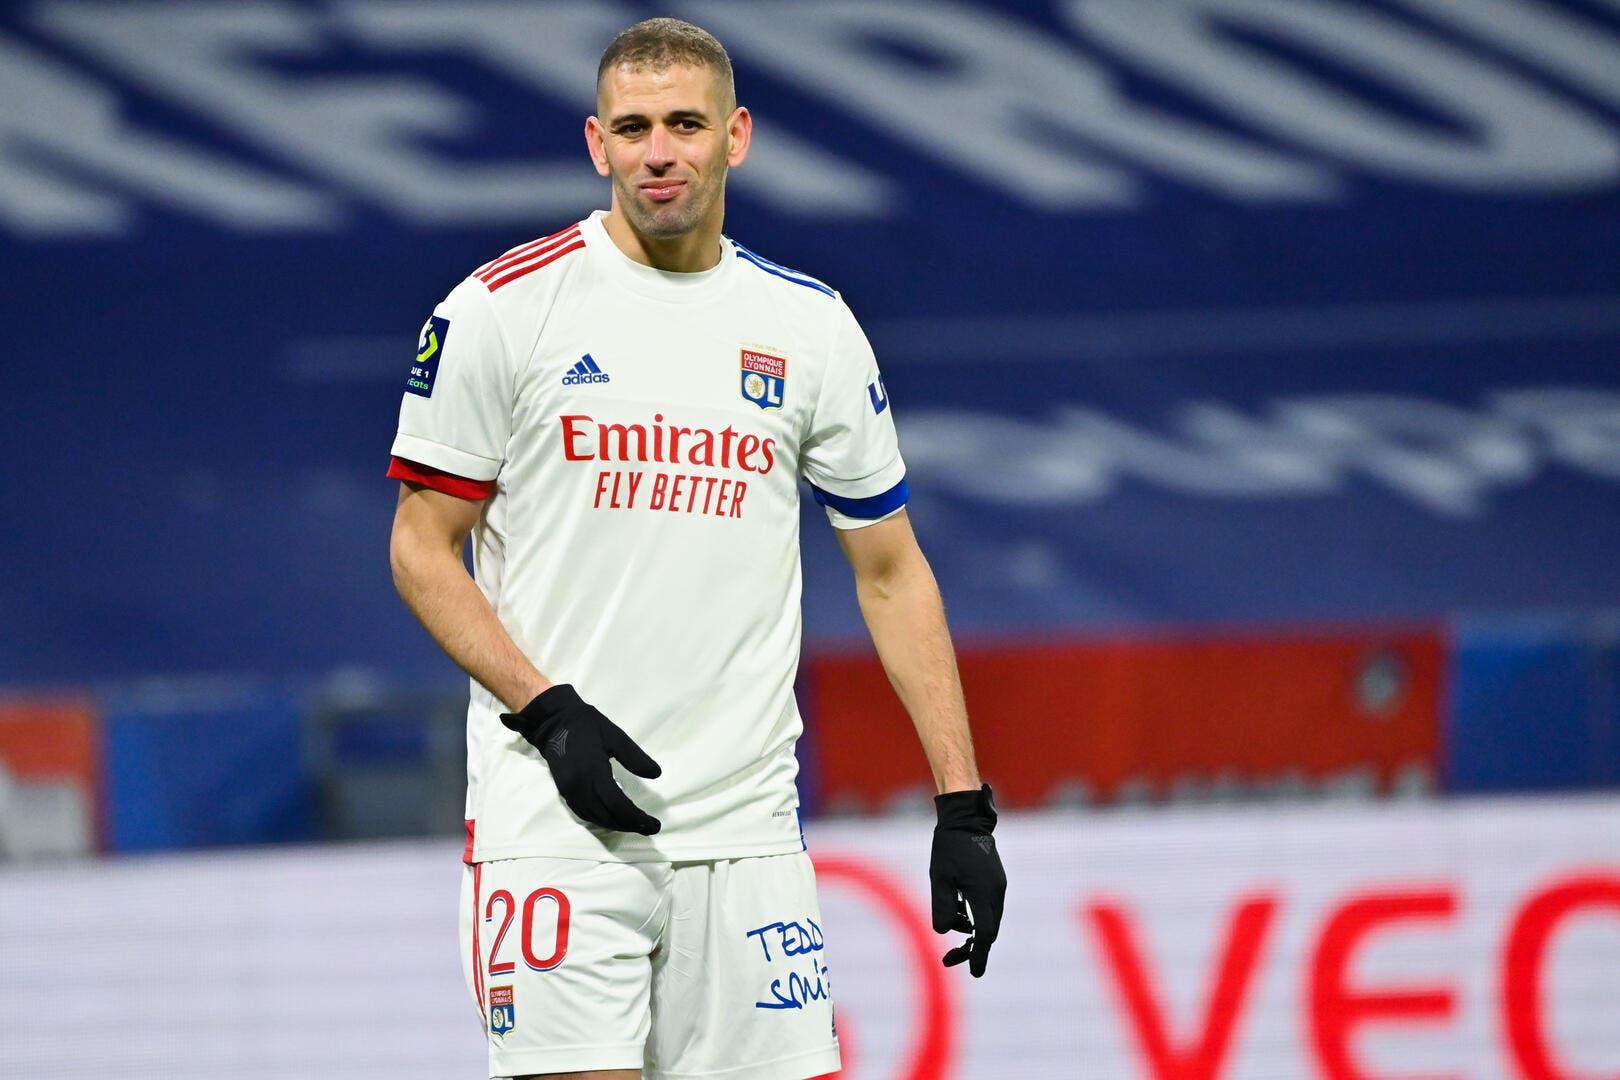 Foot OL - Lyon c'est l'Algérie, Slimani adore - Olympique Lyonnais - Foot 01 - Foot01.com